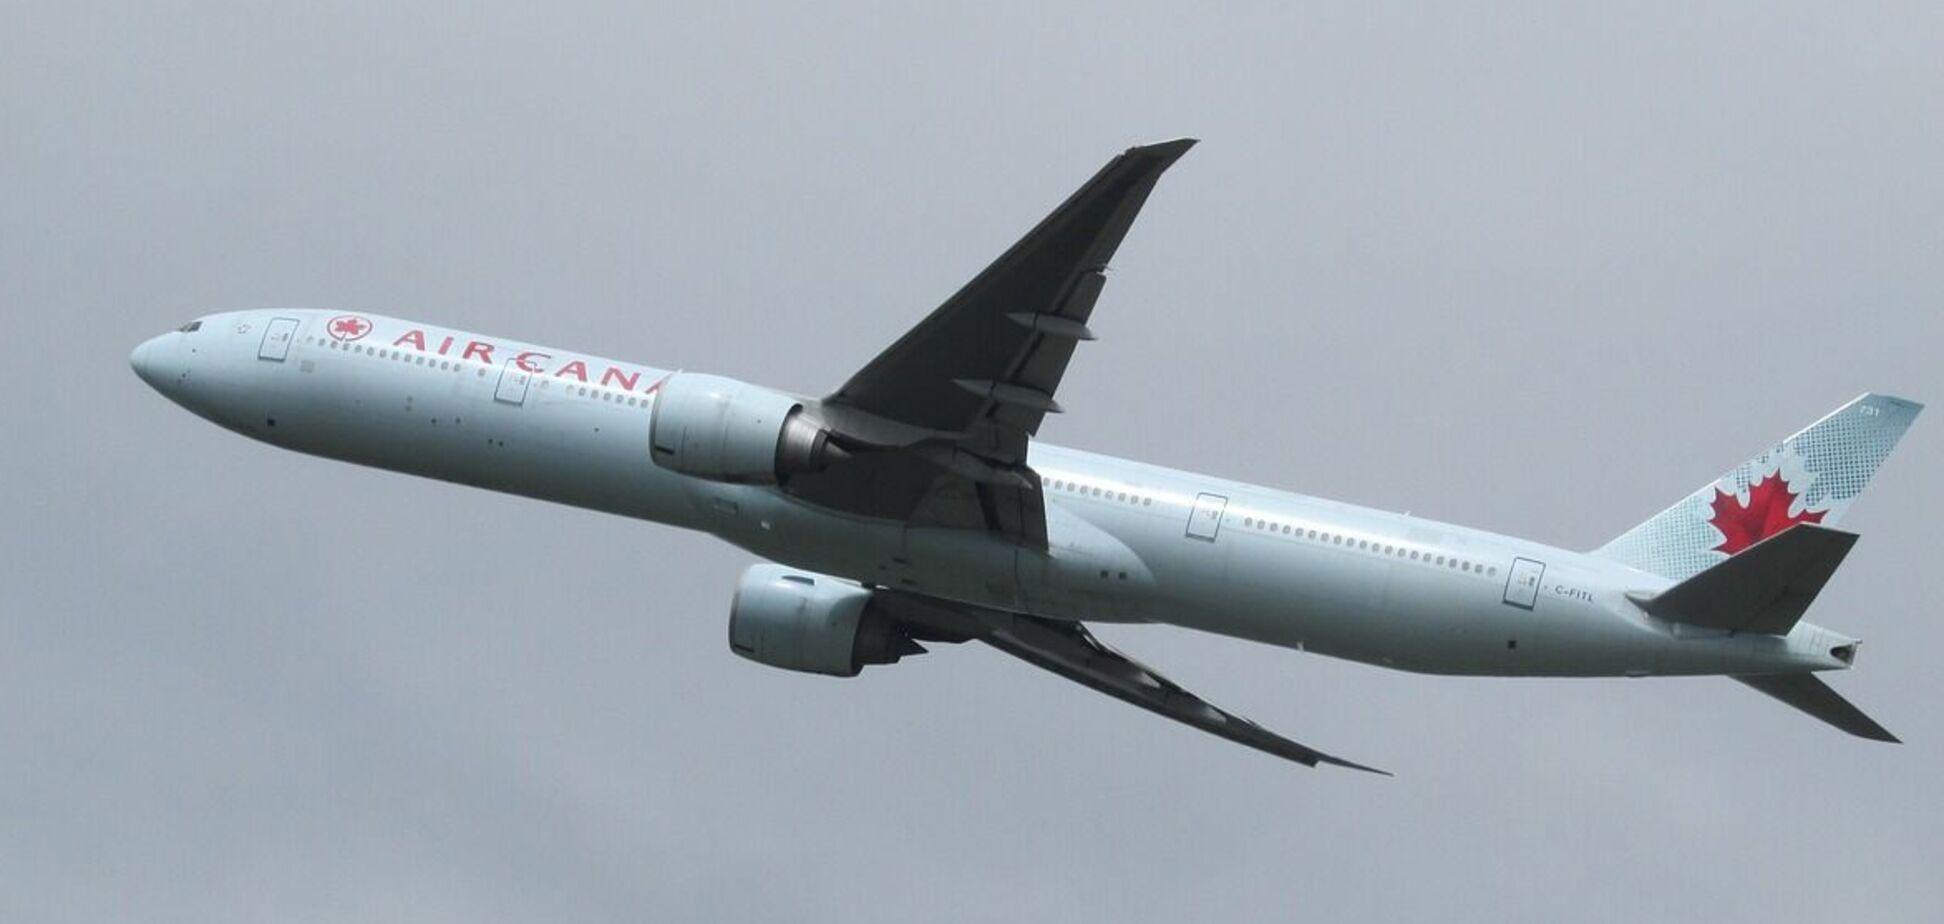 Авиакомпаниям Канады посоветовали соблюдать осторожность при полетах над Украиной